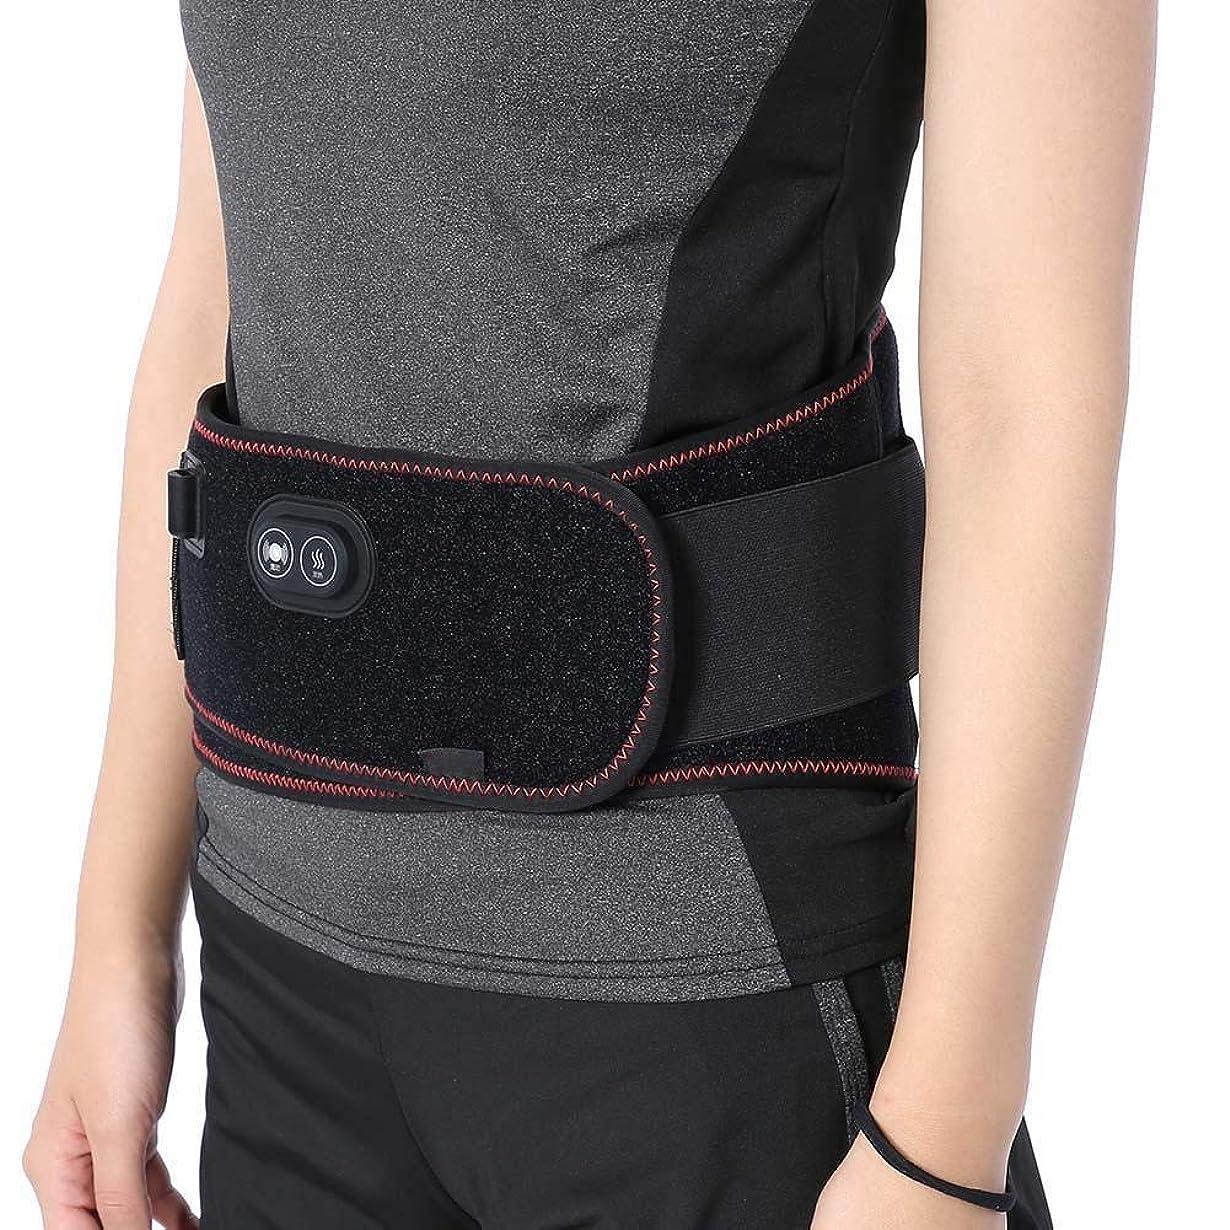 ベット砦口ひげ暖房ウエストベルト電気暖かい腹部マッサージ振動ウエストサポート、リリーフ性月経困難症と腹部の背中の痛み暖かい腰椎振動ラップ男性と女性のための低い